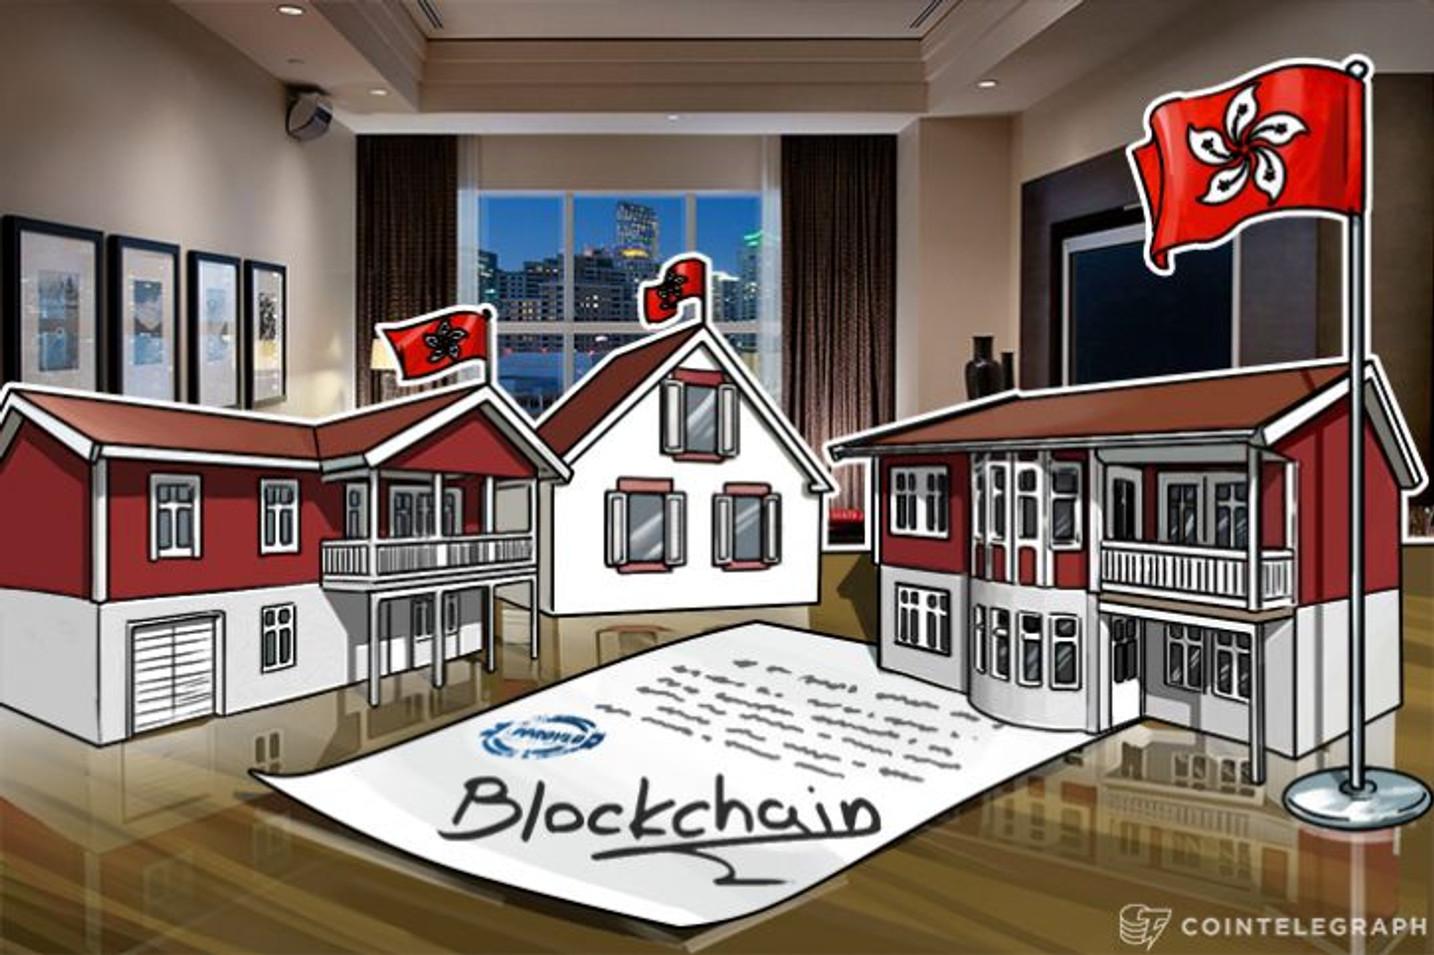 香港政府がブロックチェーンを利用した不動産ソリューションに着目